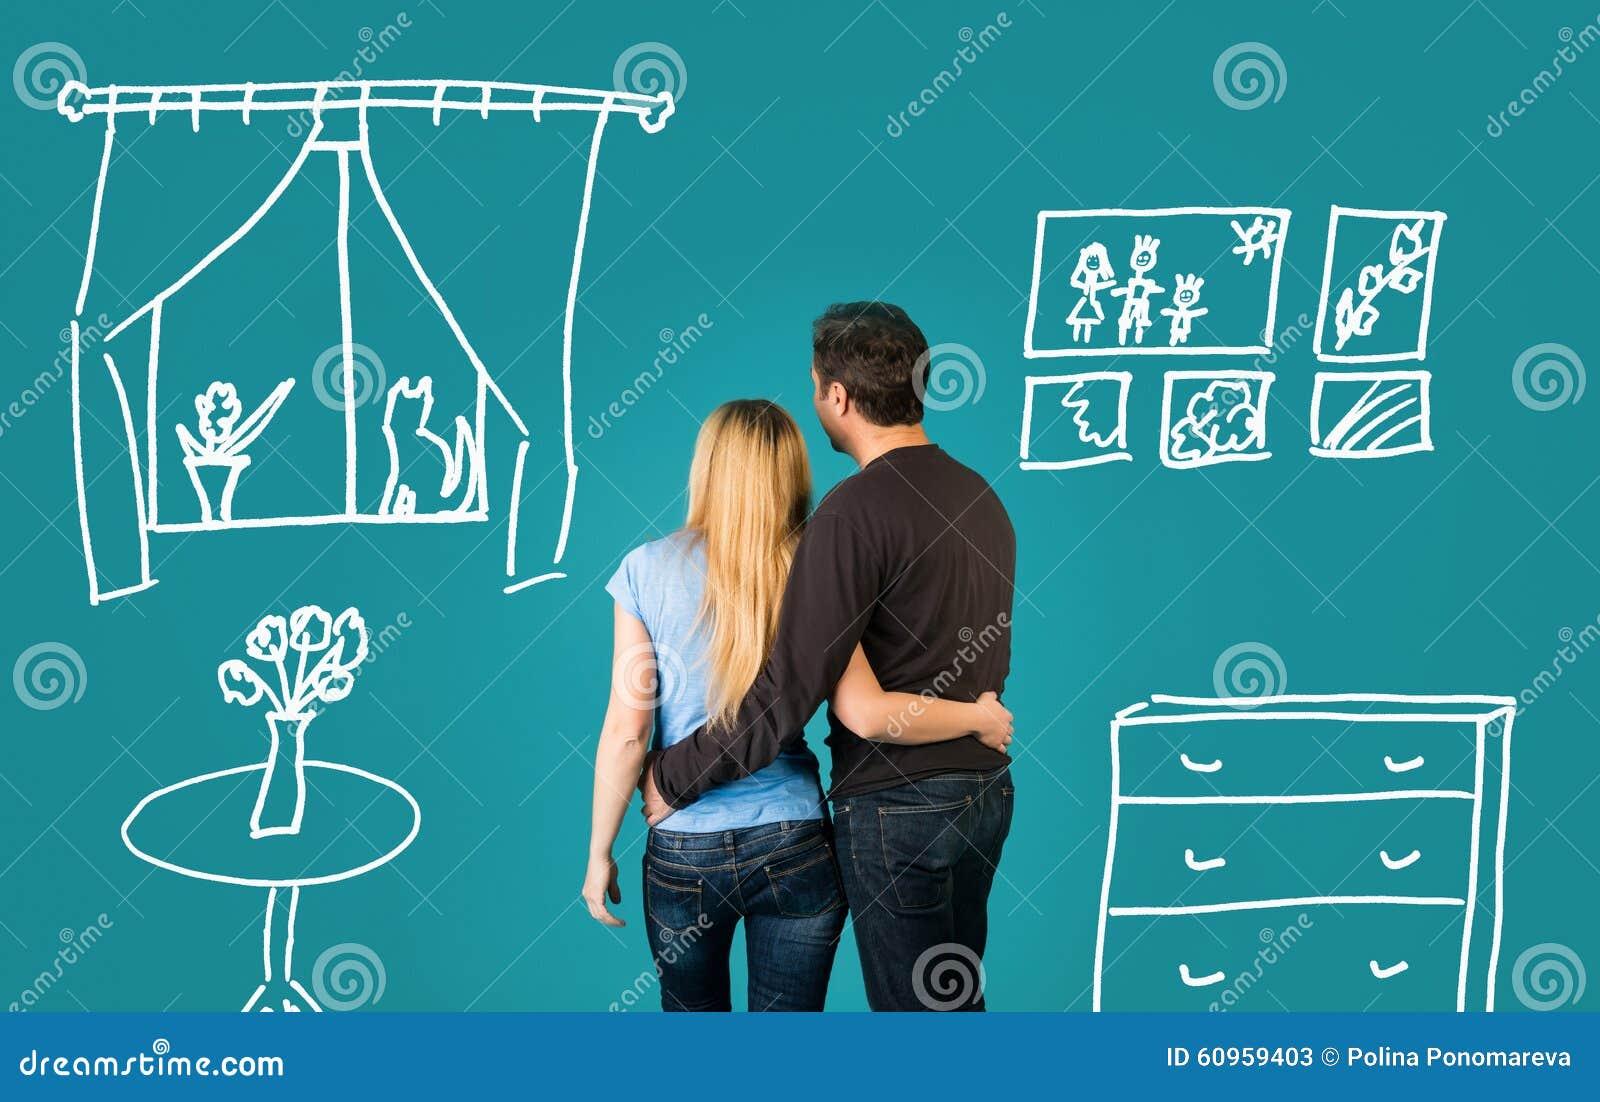 Glückliches Paar, das von ihrem neuen Haus träumt und auf blauem Hintergrund versorgt